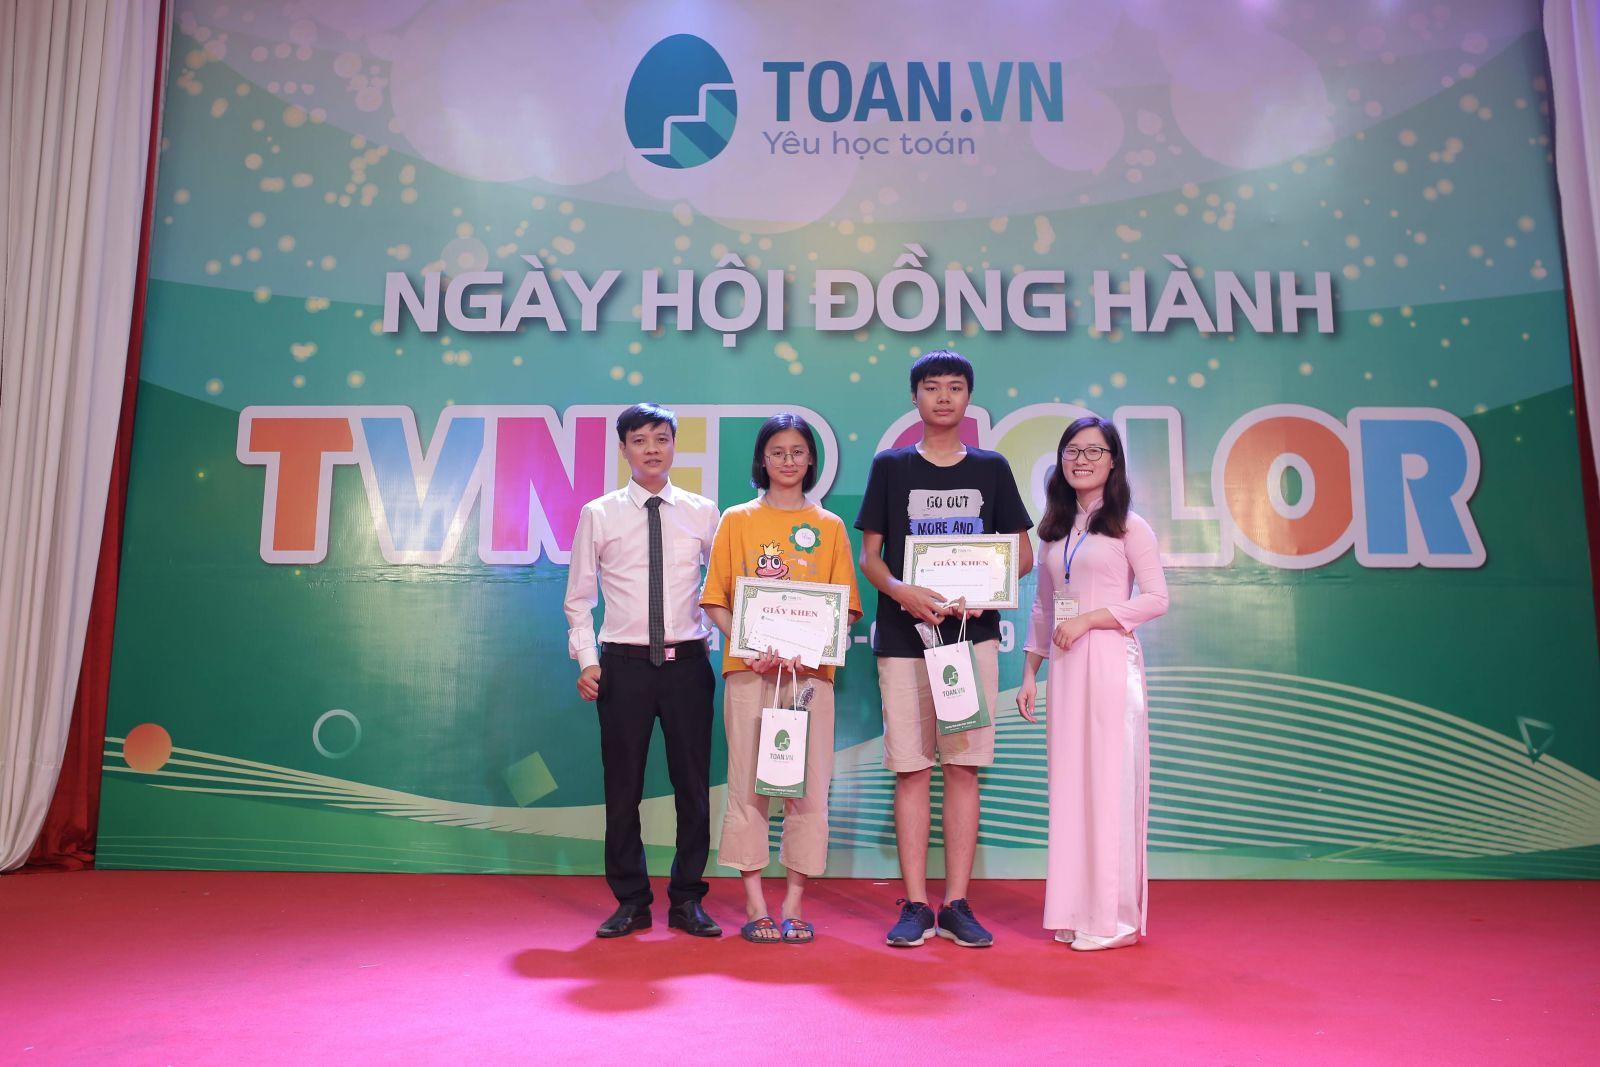 CÔNG BỐ DANH SÁCH KHEN THƯỞNG TVNER TIÊU BIỂU NĂM HỌC 2019- 2020